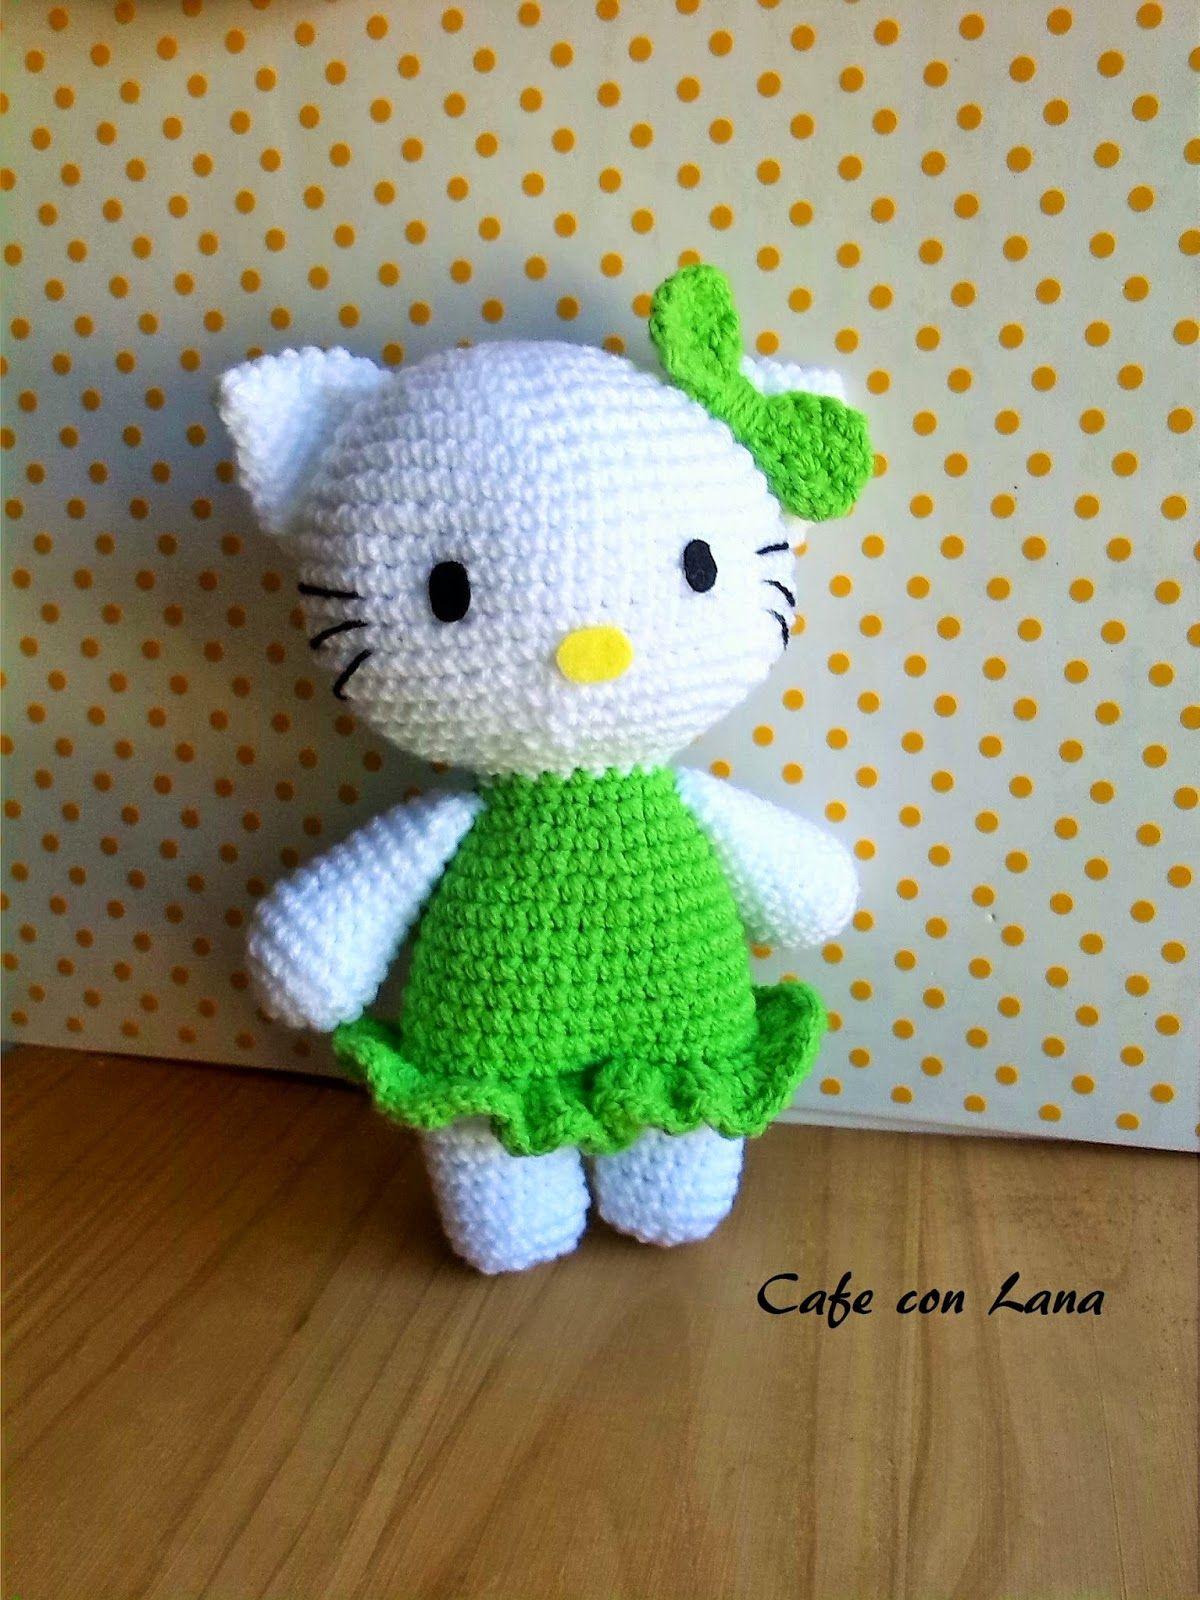 Cafe Con Lana   hello Kitty   Pinterest   Hello kitty, Lana y Café